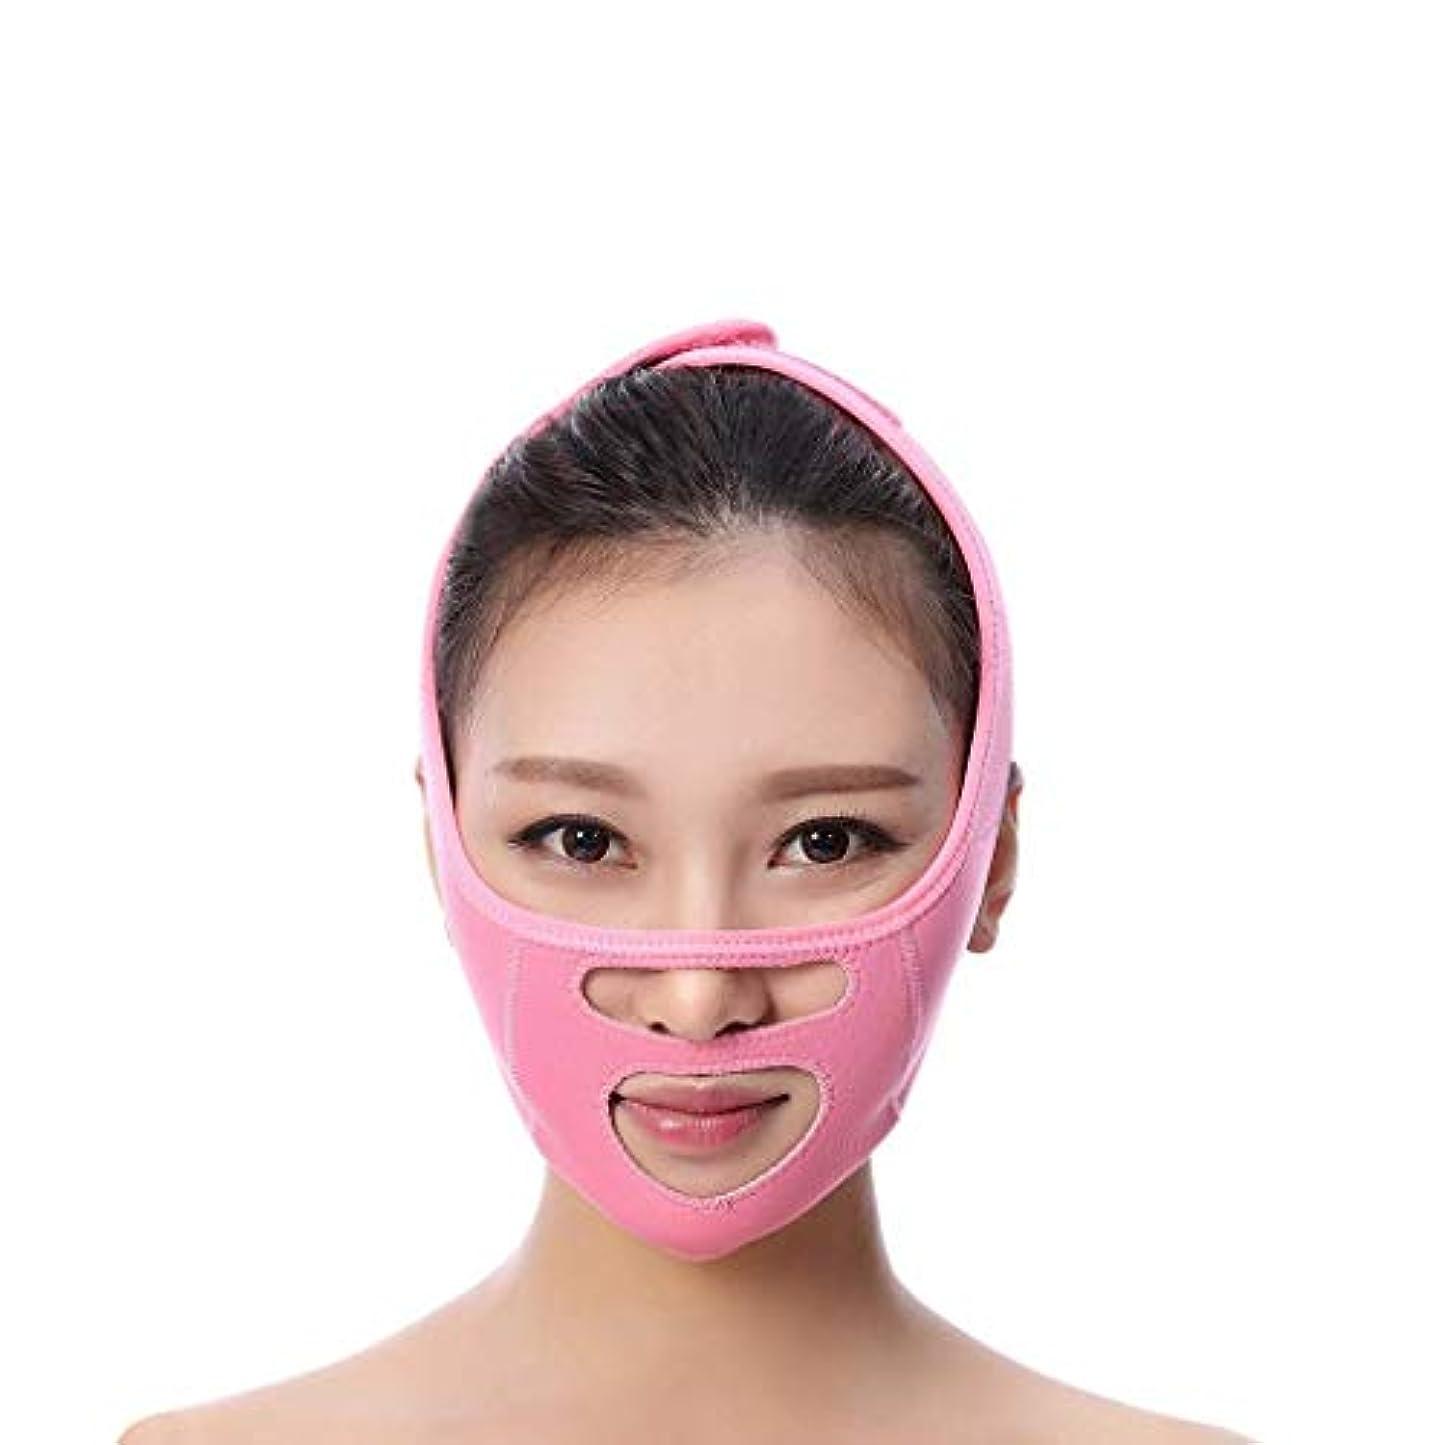 リンク七時半防腐剤フェイスリフトテープ&バンド、フェイススリミングマスク、ダブルチン、ダブルチンリデューサー、シワ防止マスク、リフティングシェイプ(フリーサイズ)(カラー:ピンク),ピンク